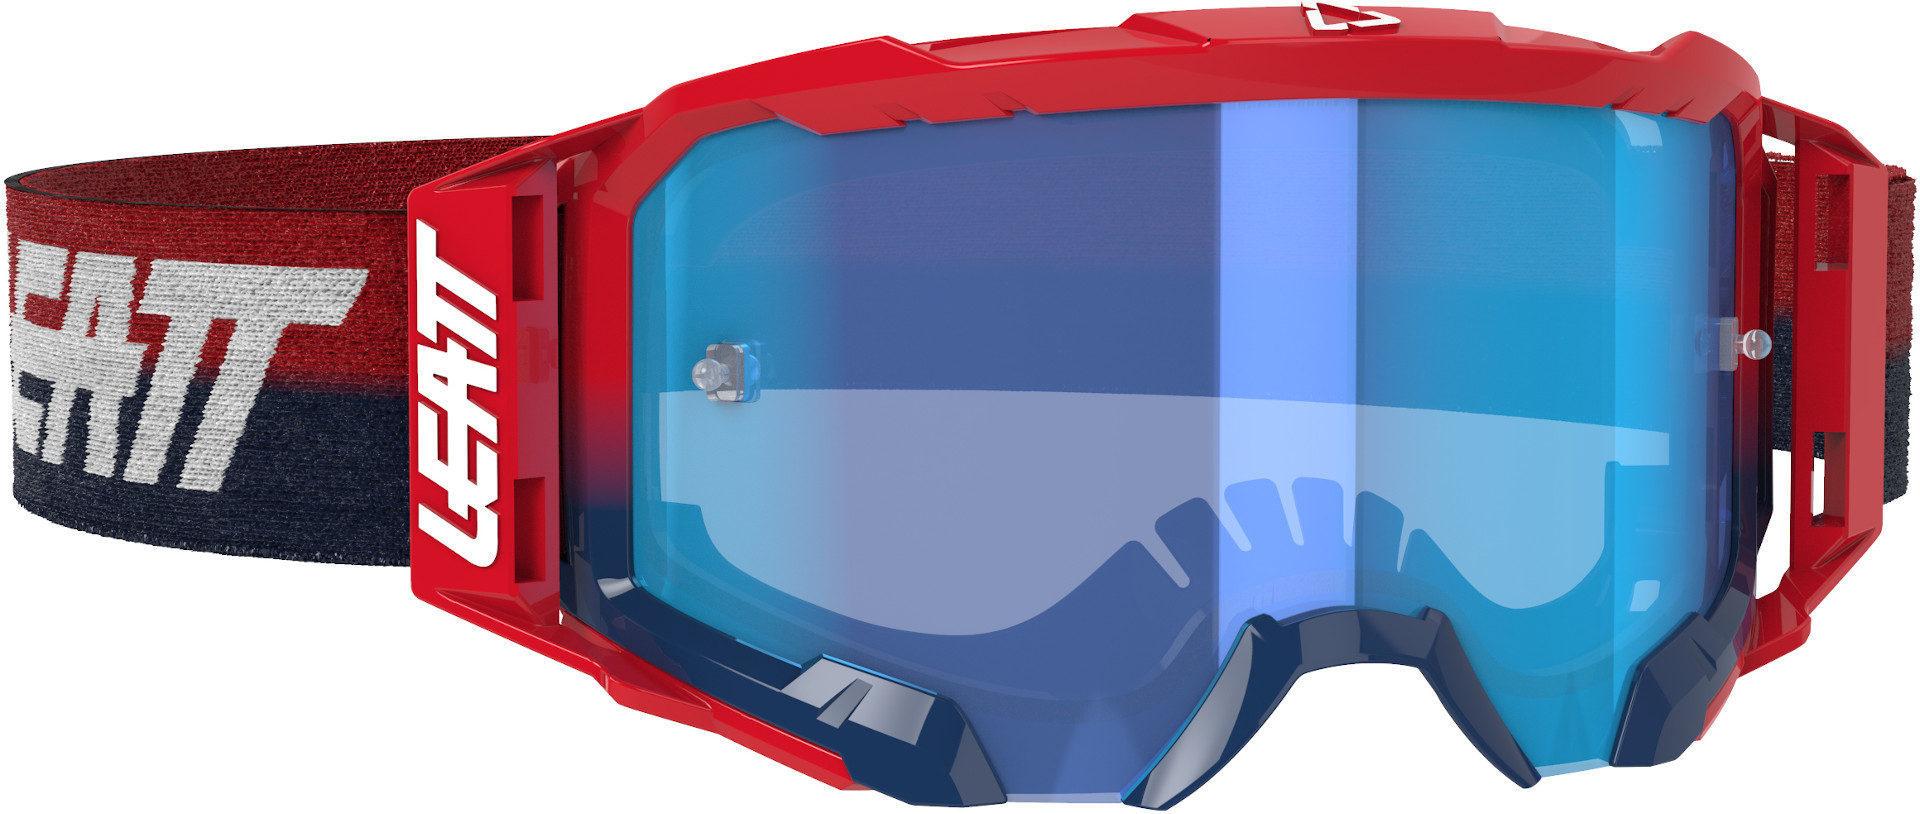 Leatt Velocity 5.5 Lunettes Motocross Rouge Bleu taille : unique taille